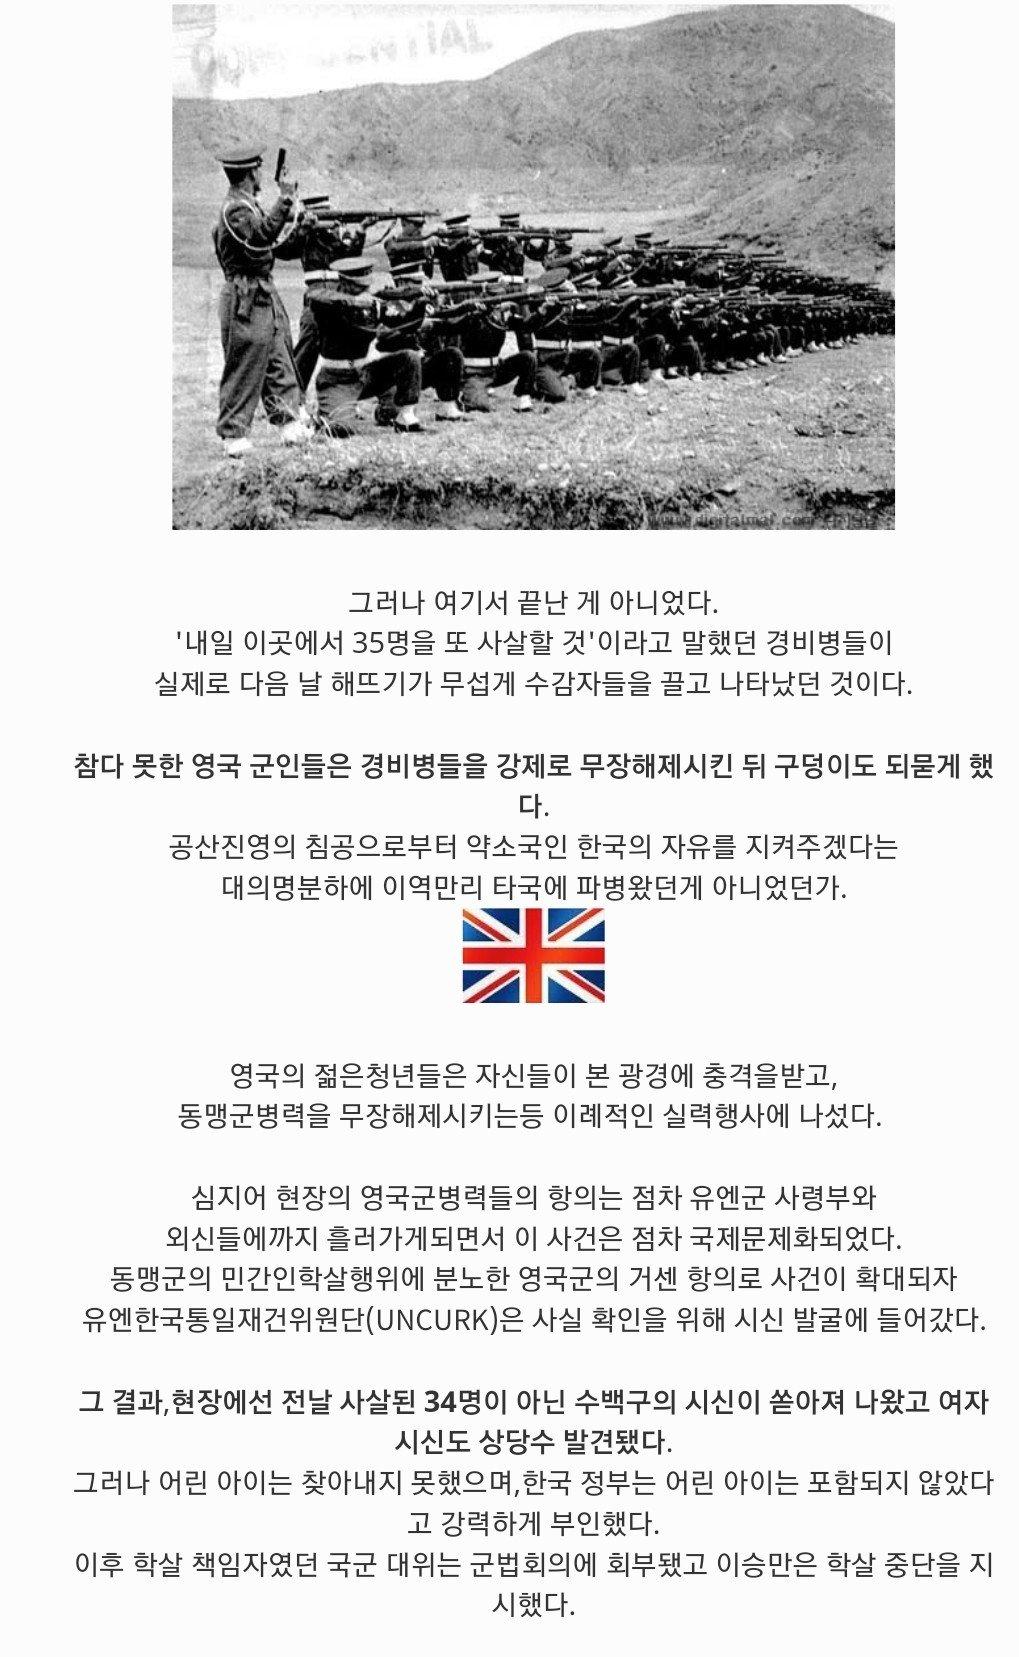 20181001_012115.jpg 한국전쟁 당시 영국군에 의해 밝혀진 학살 사건.jpg